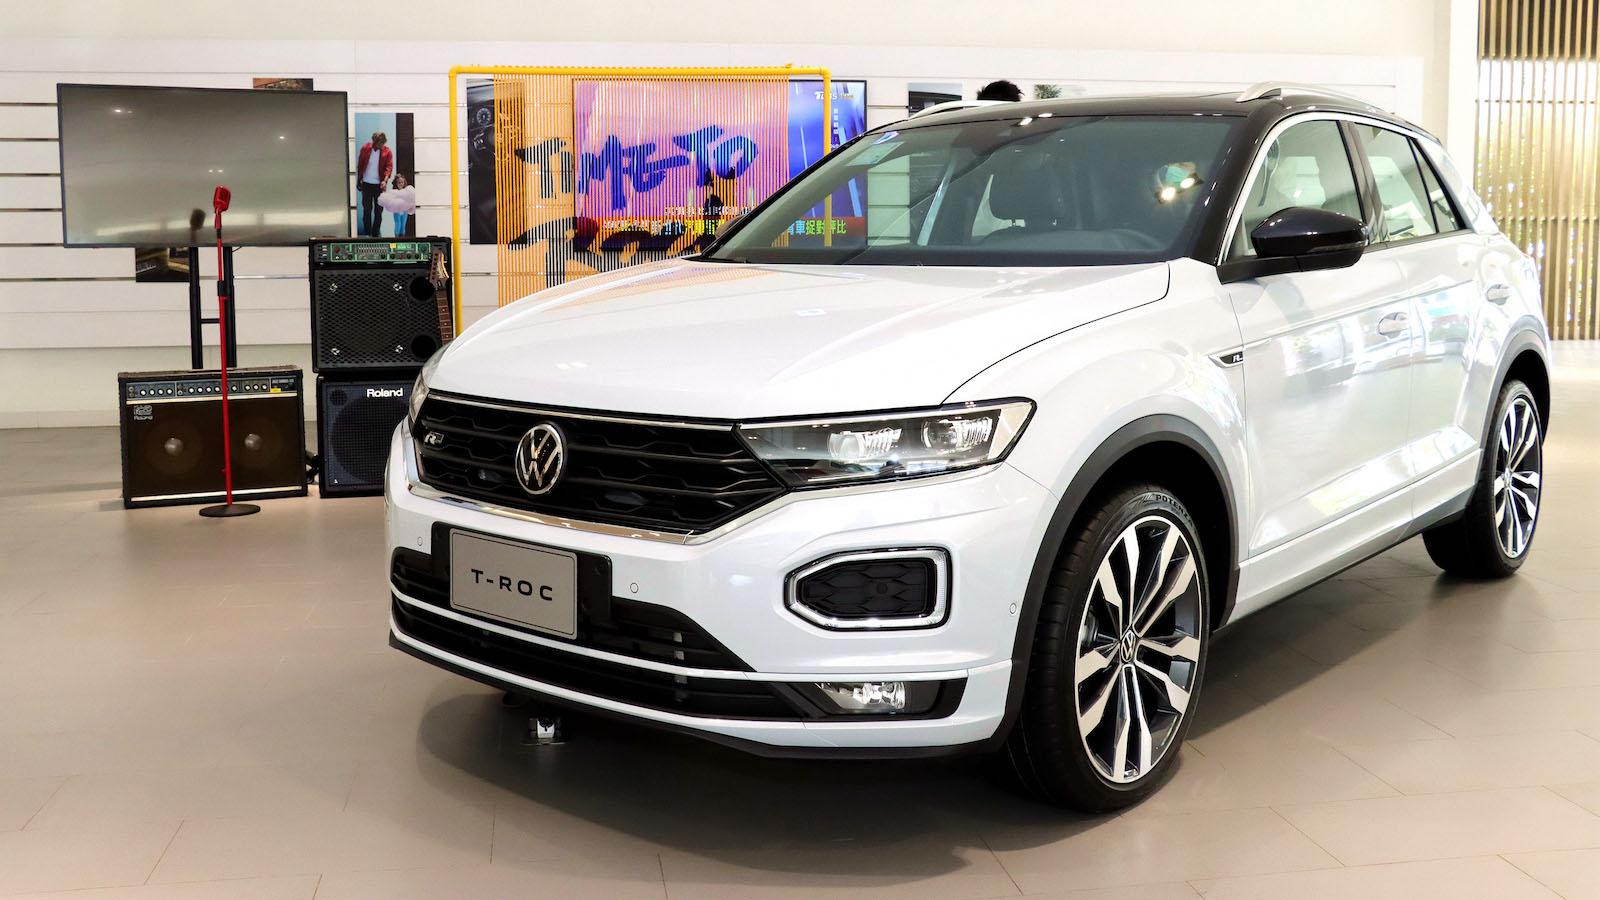 Volkswagen T-Roc 上市前最後賞車機會,展車資訊看這裡